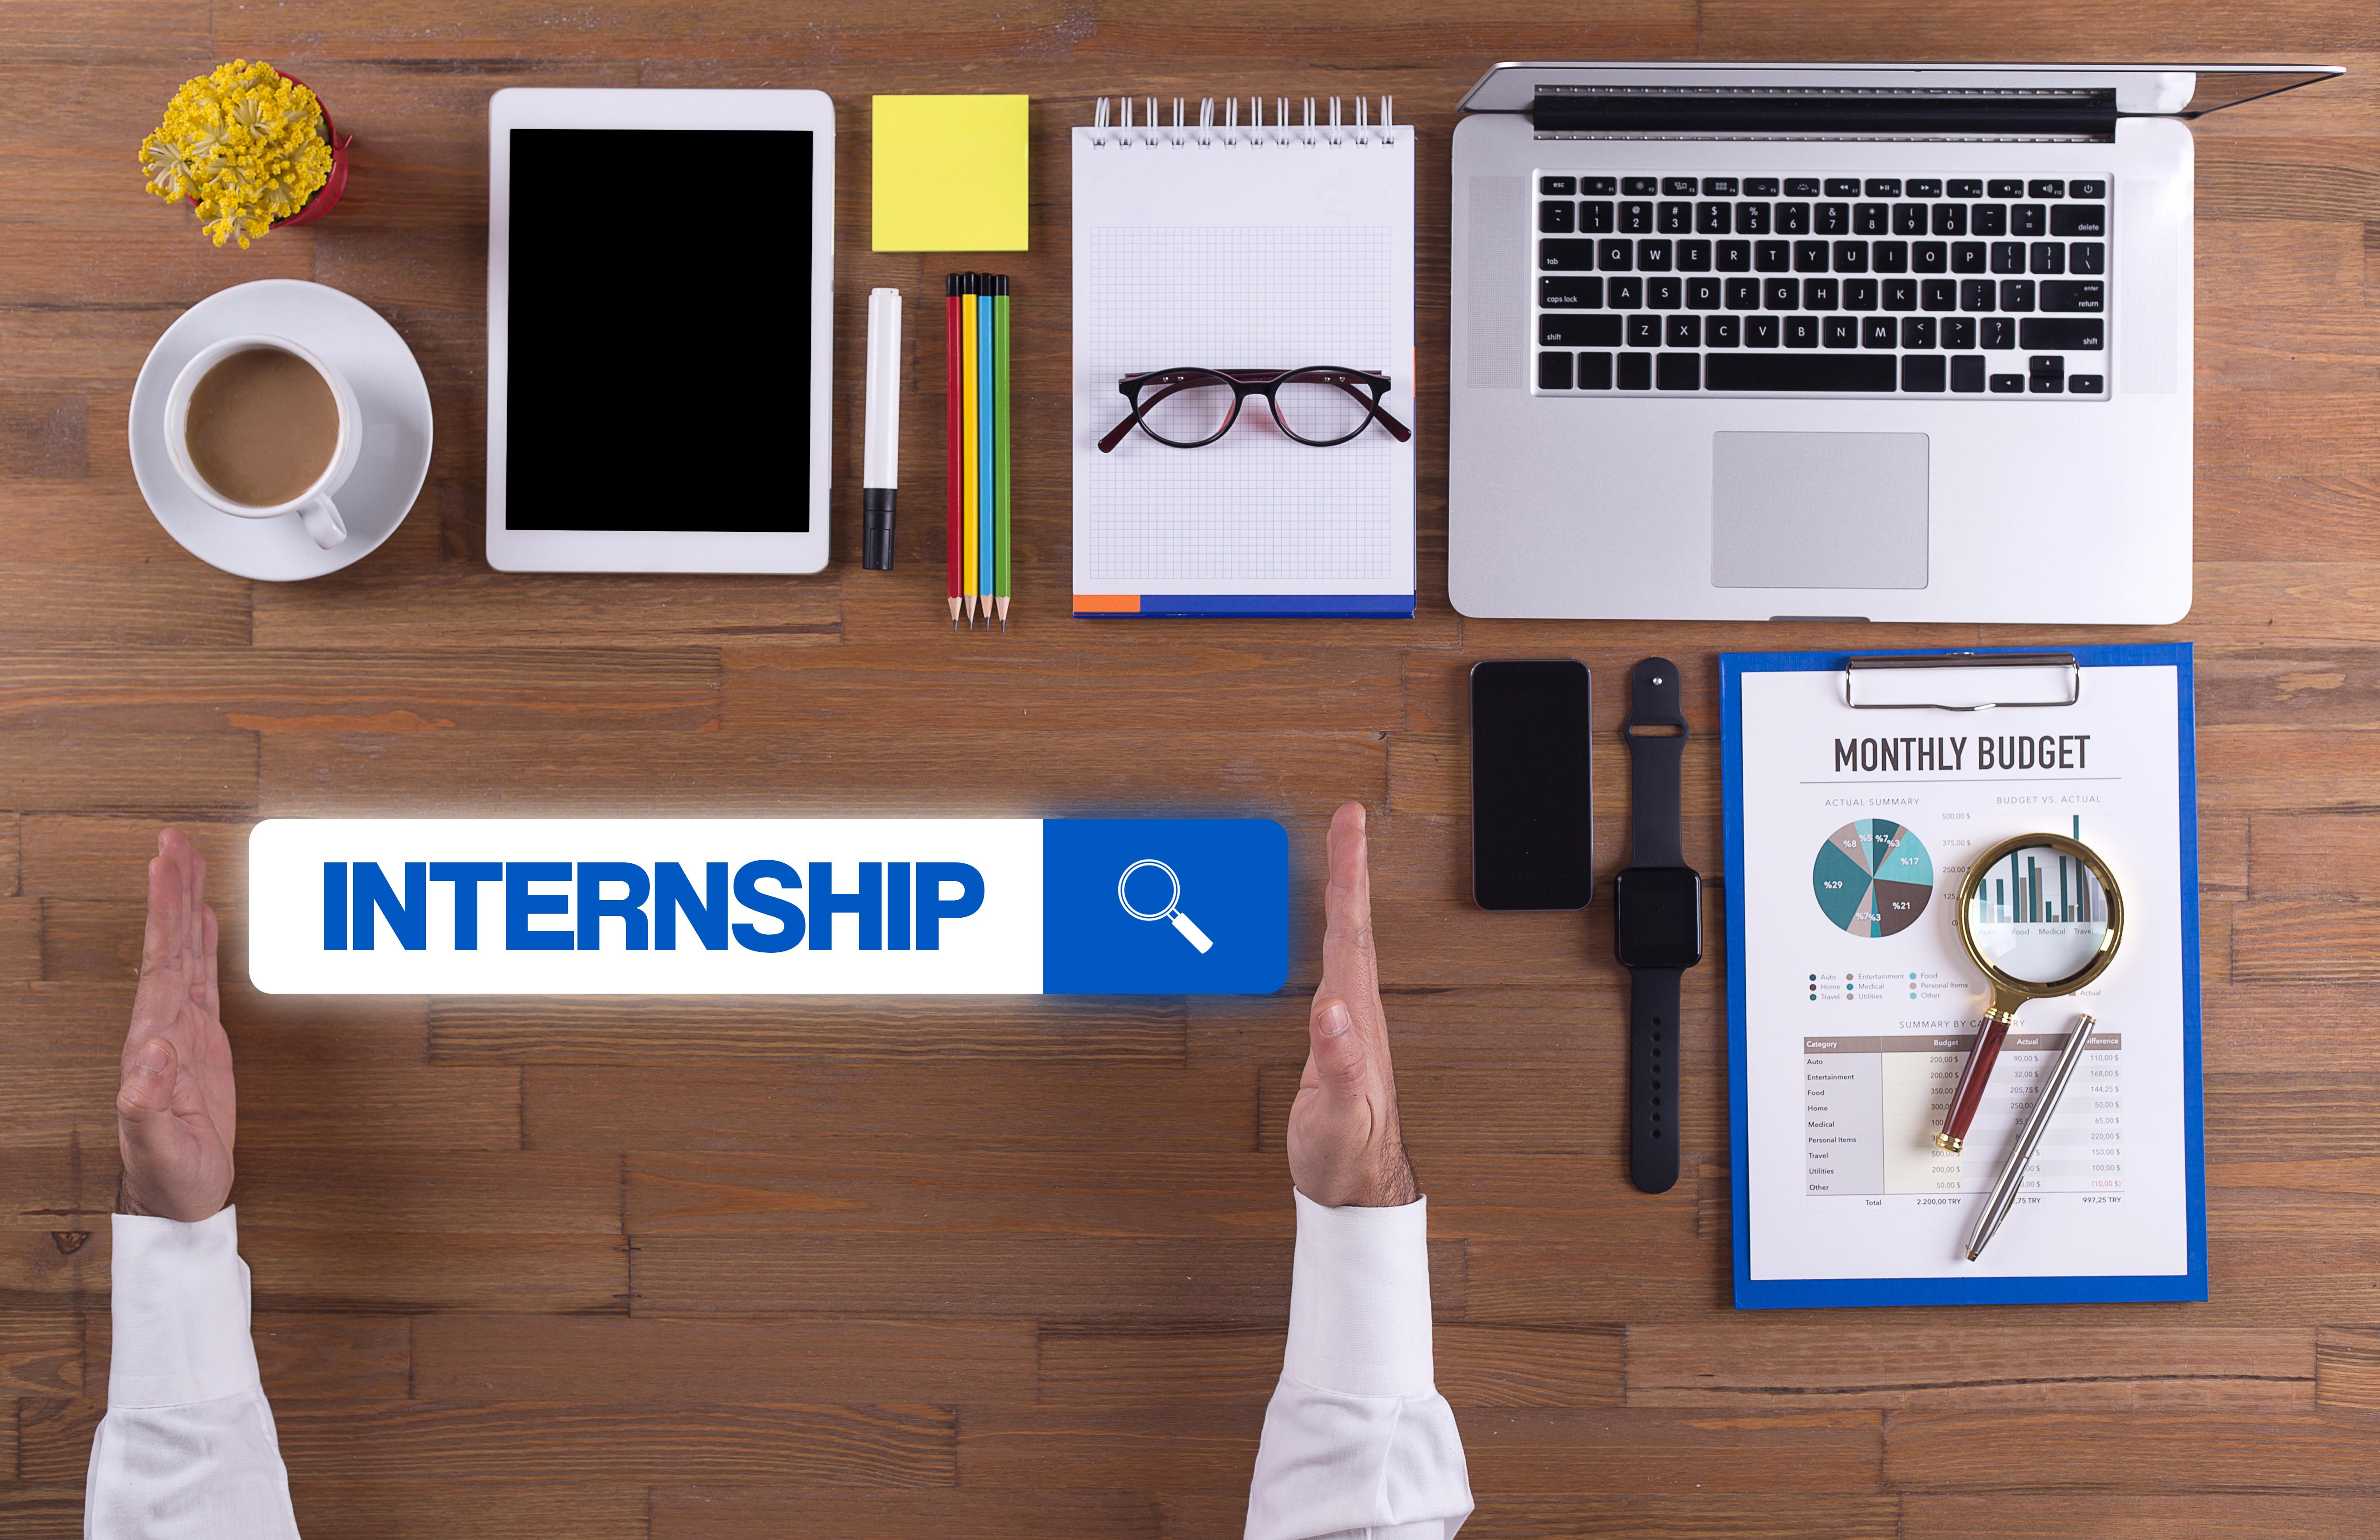 Talented Students Needed For Summer Internship Program